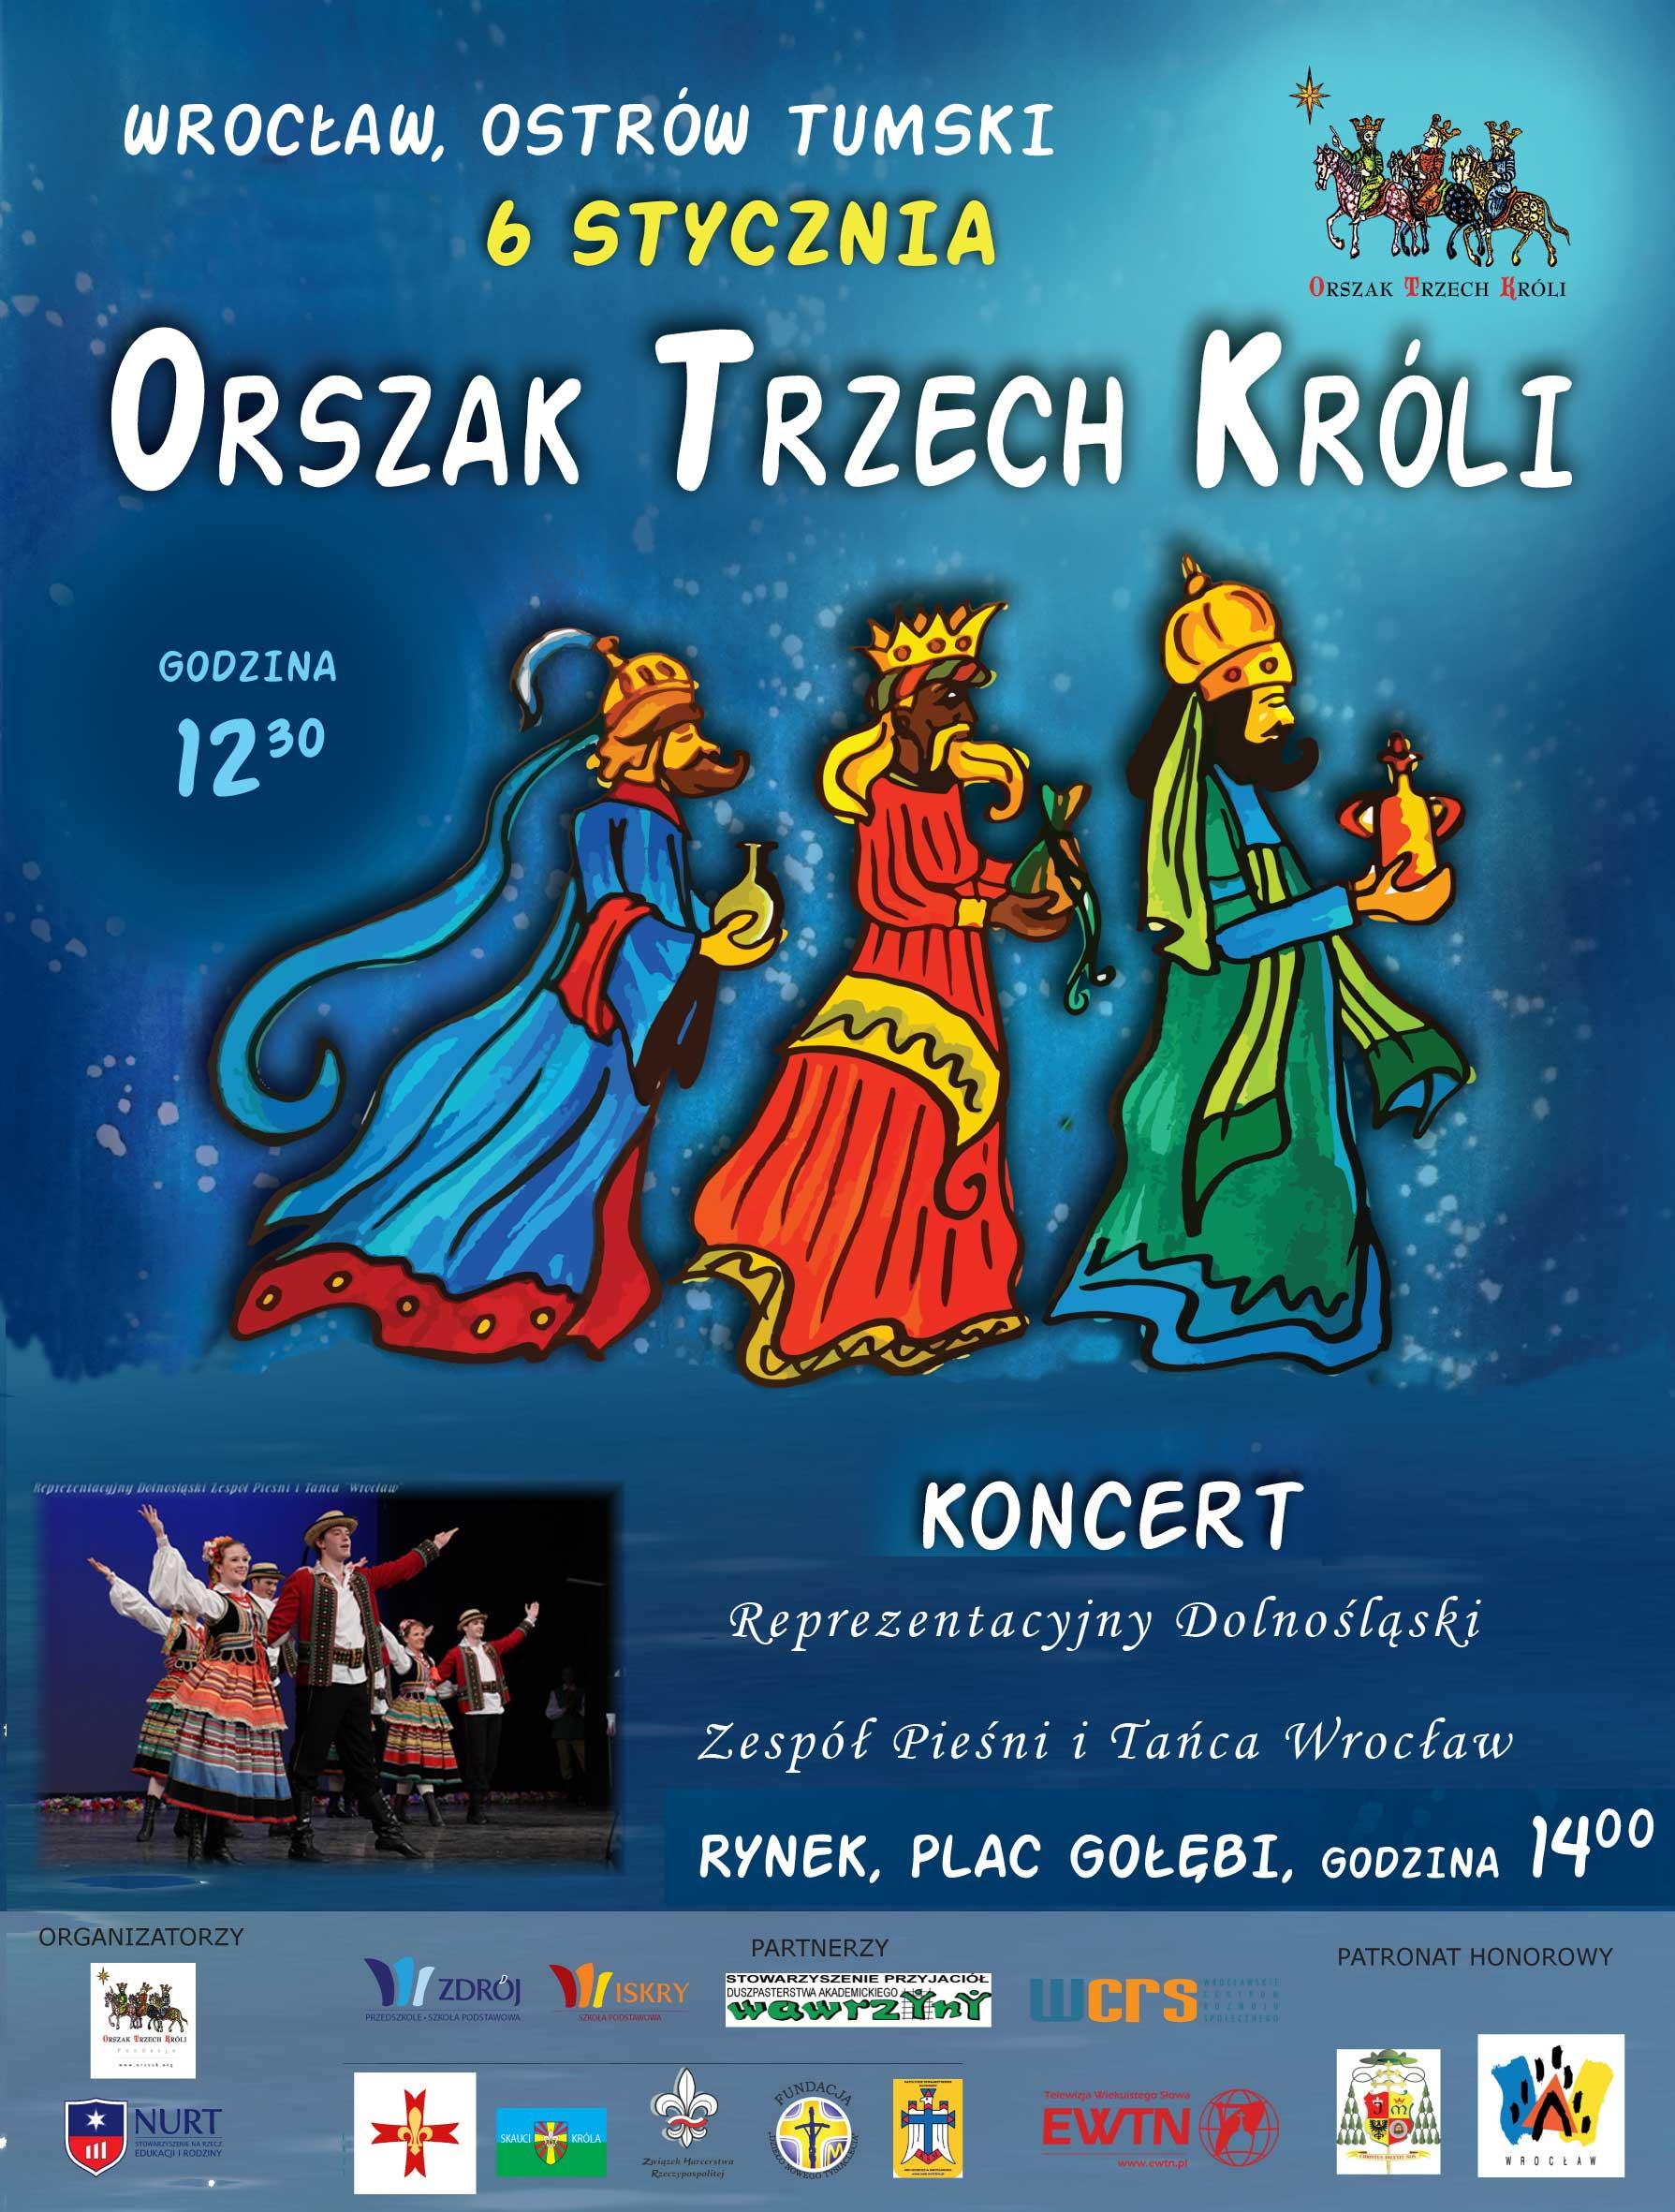 Wrocławski Orszak Trzech Króli